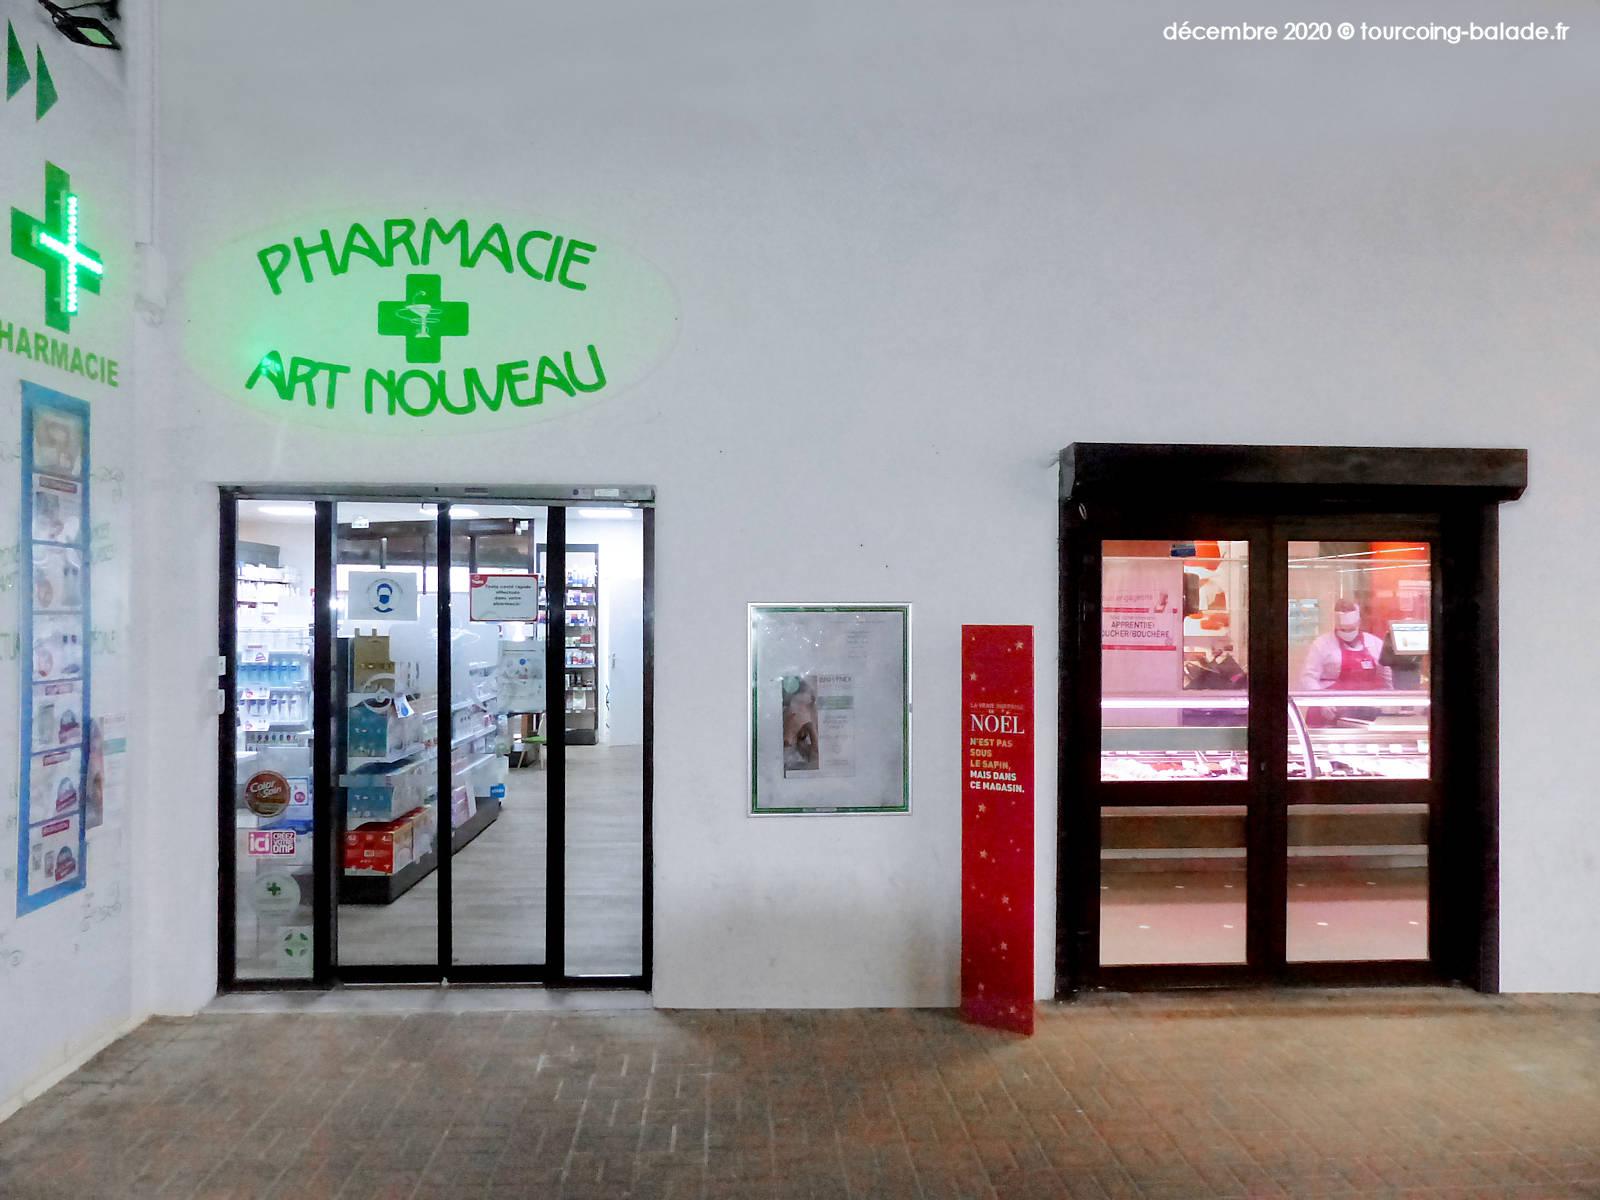 Pharmacie Art Nouveau, Tourcoing 2020